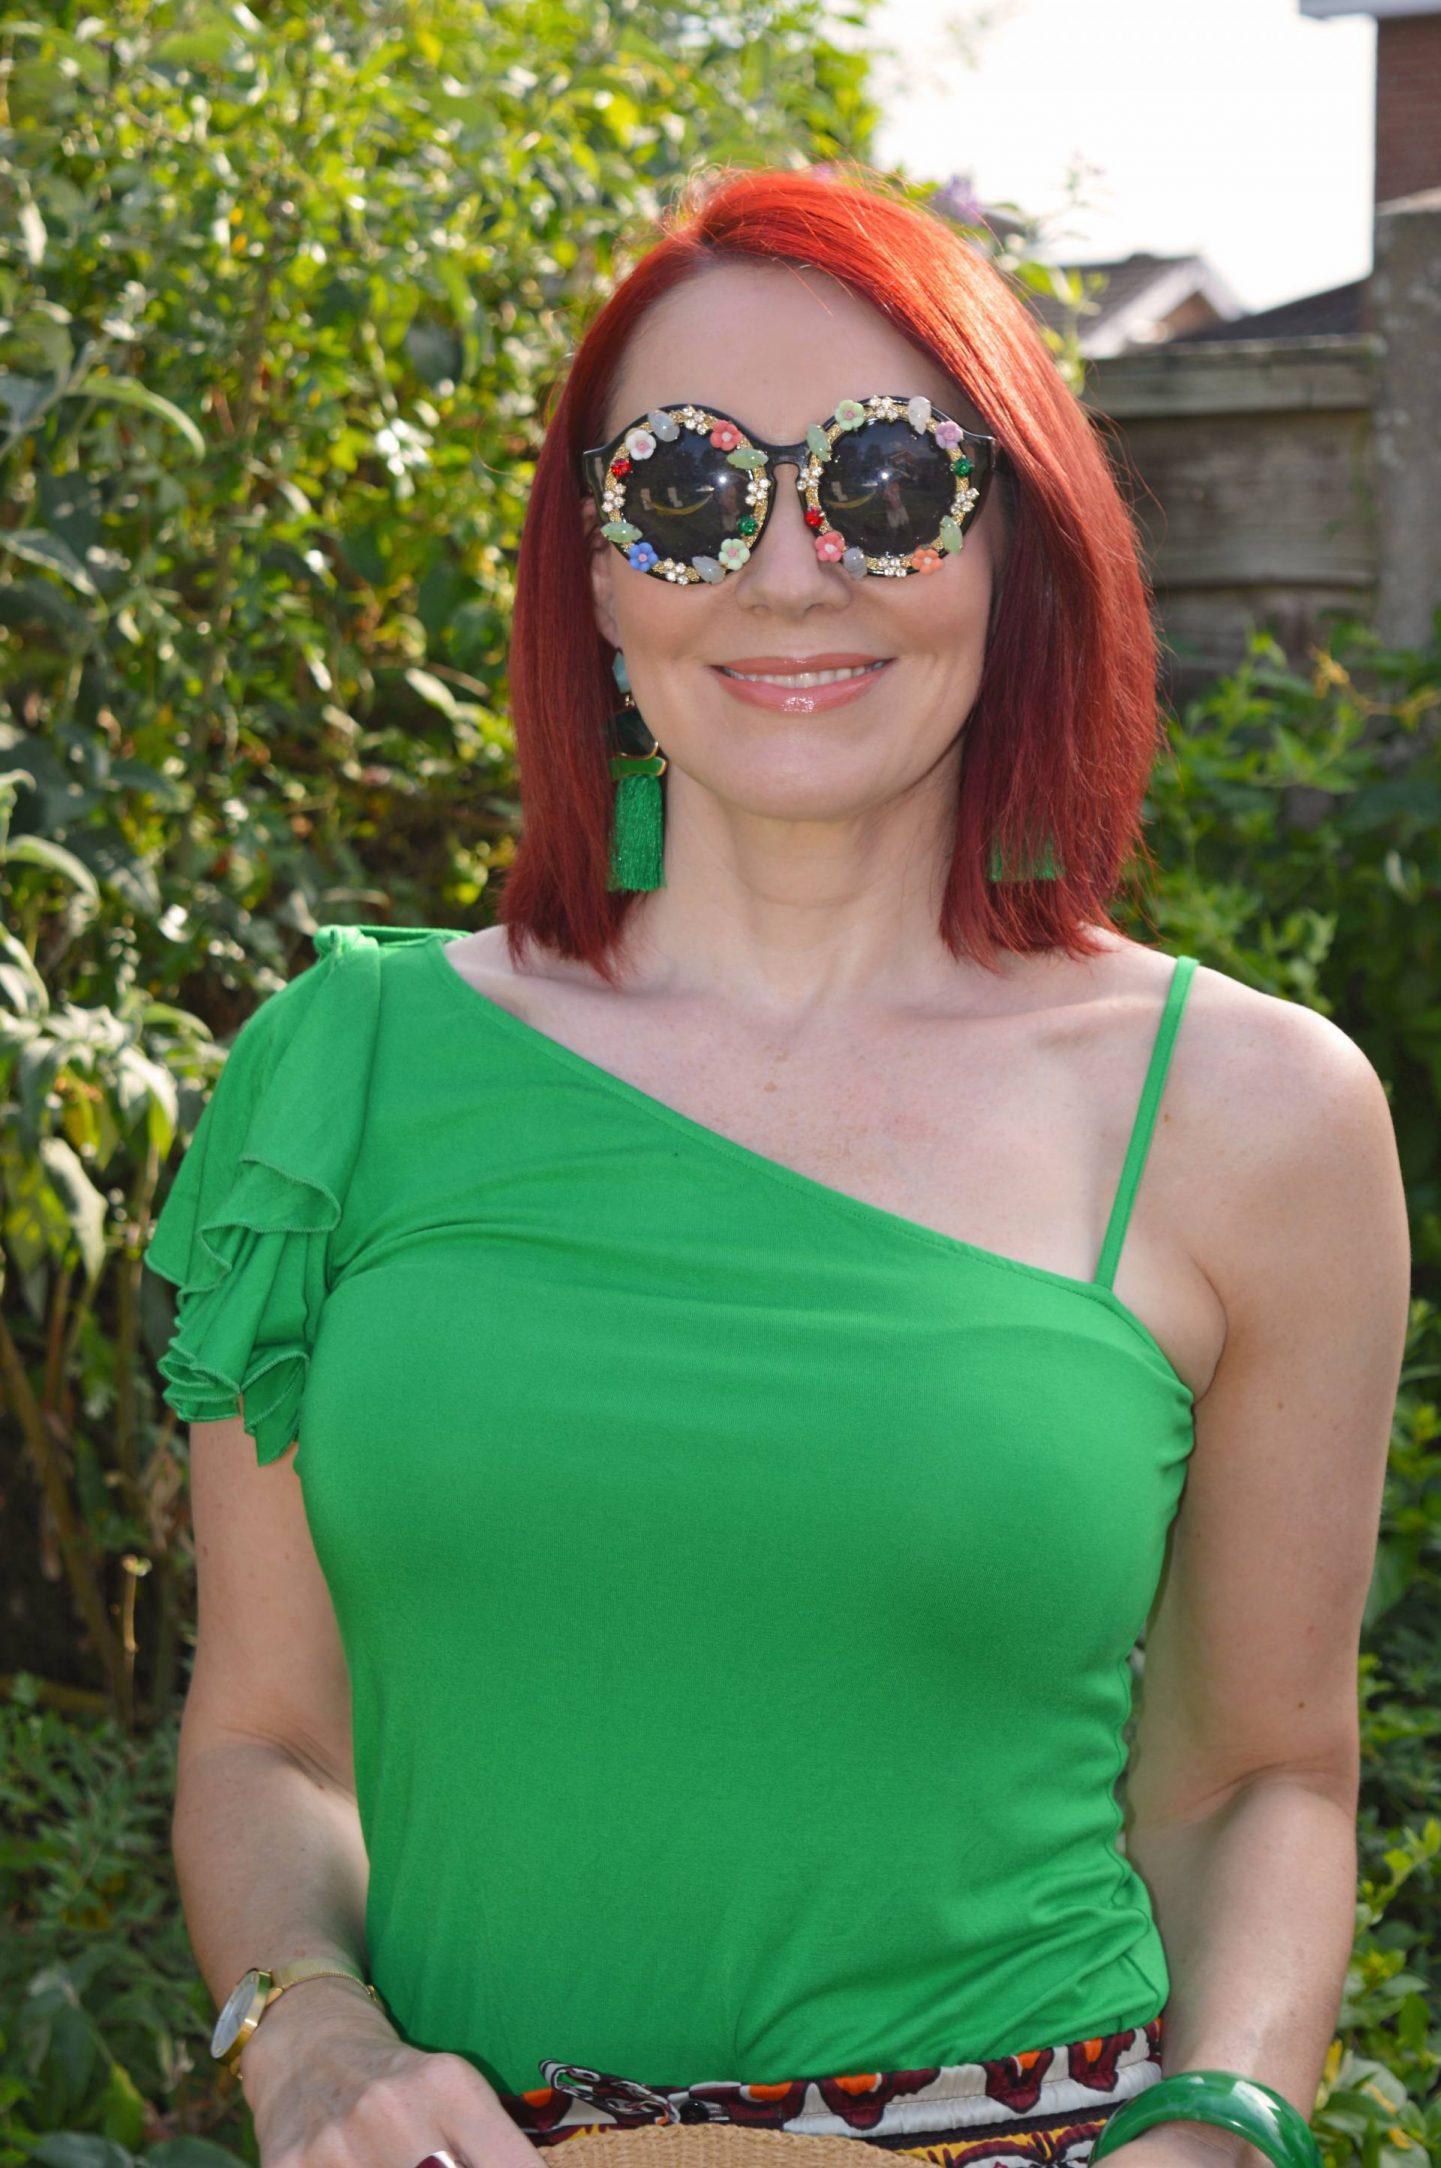 Karen Millen green one shoulder top, Katy Perry embellished sunglasses